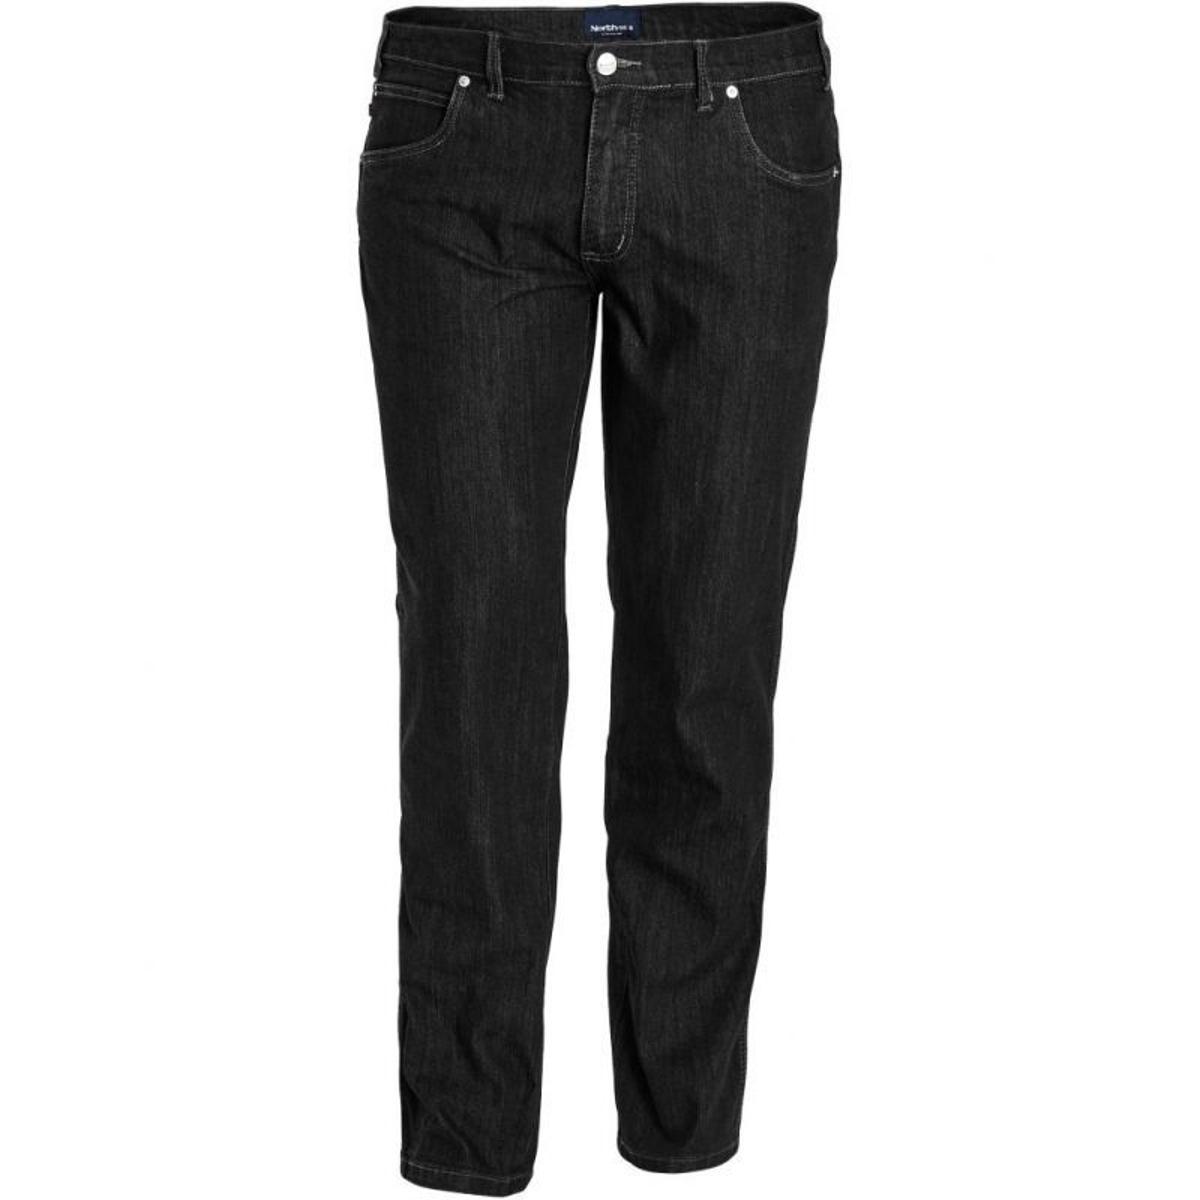 Jeans stretch north bleu